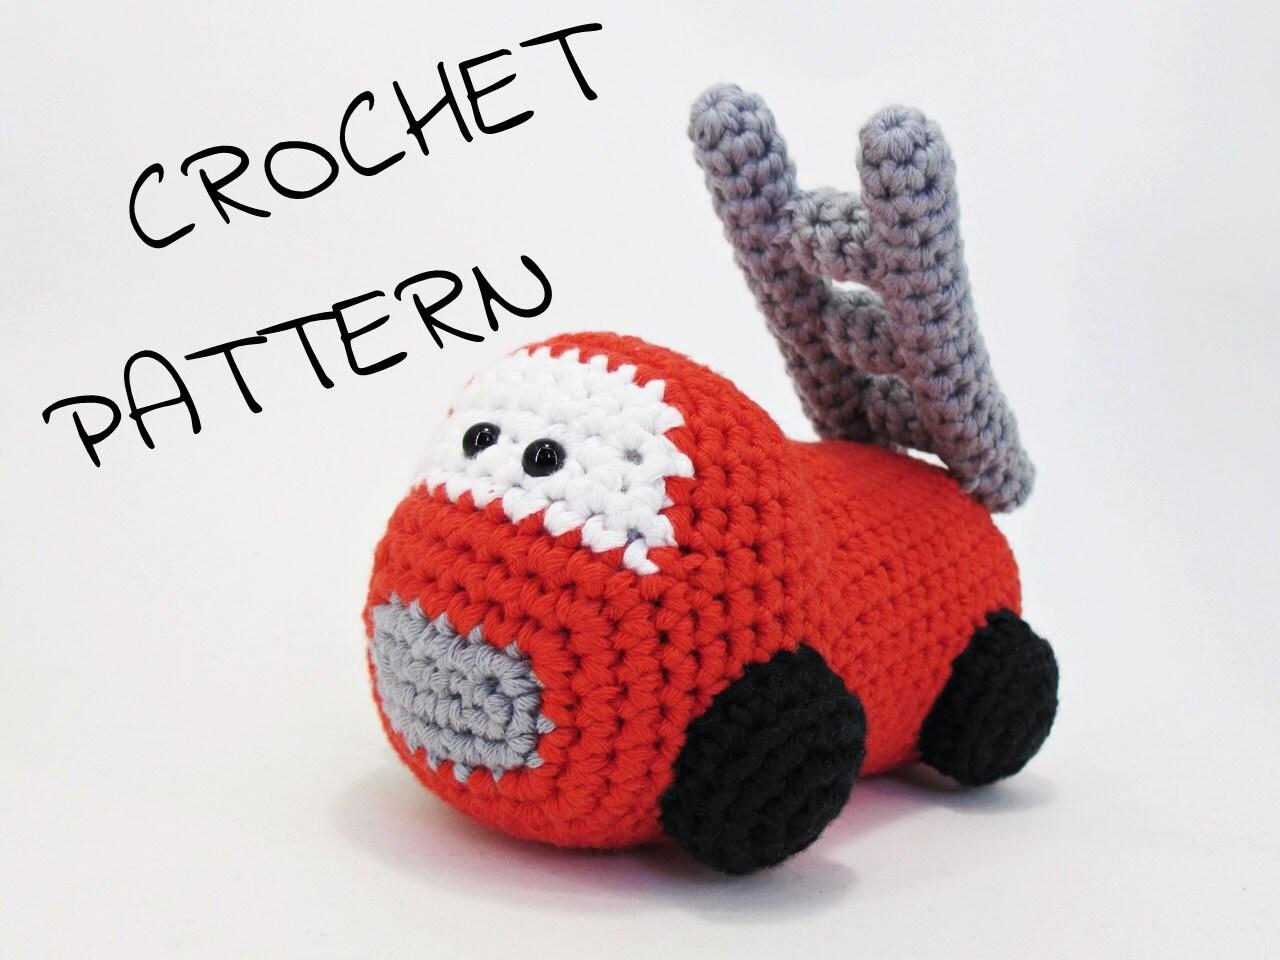 Amigurumi Magazine Pdf : Amigurumi fire truck stuffed toy crochet pattern pdf tutorial